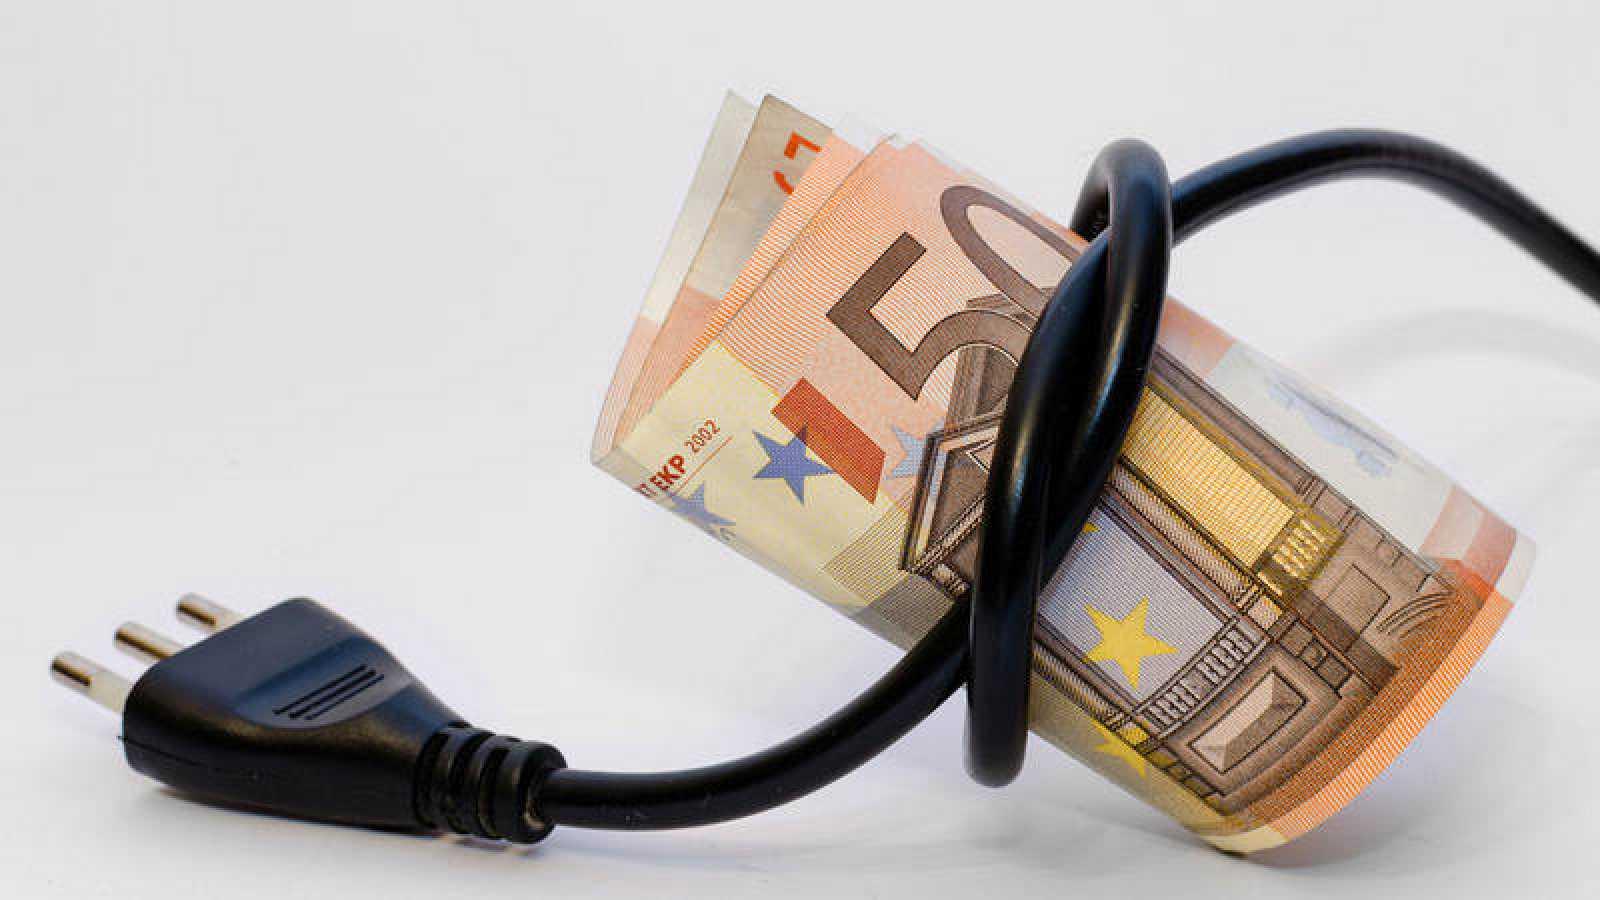 Un manojo de billetes de euros entrelazados con un cable eléctrico